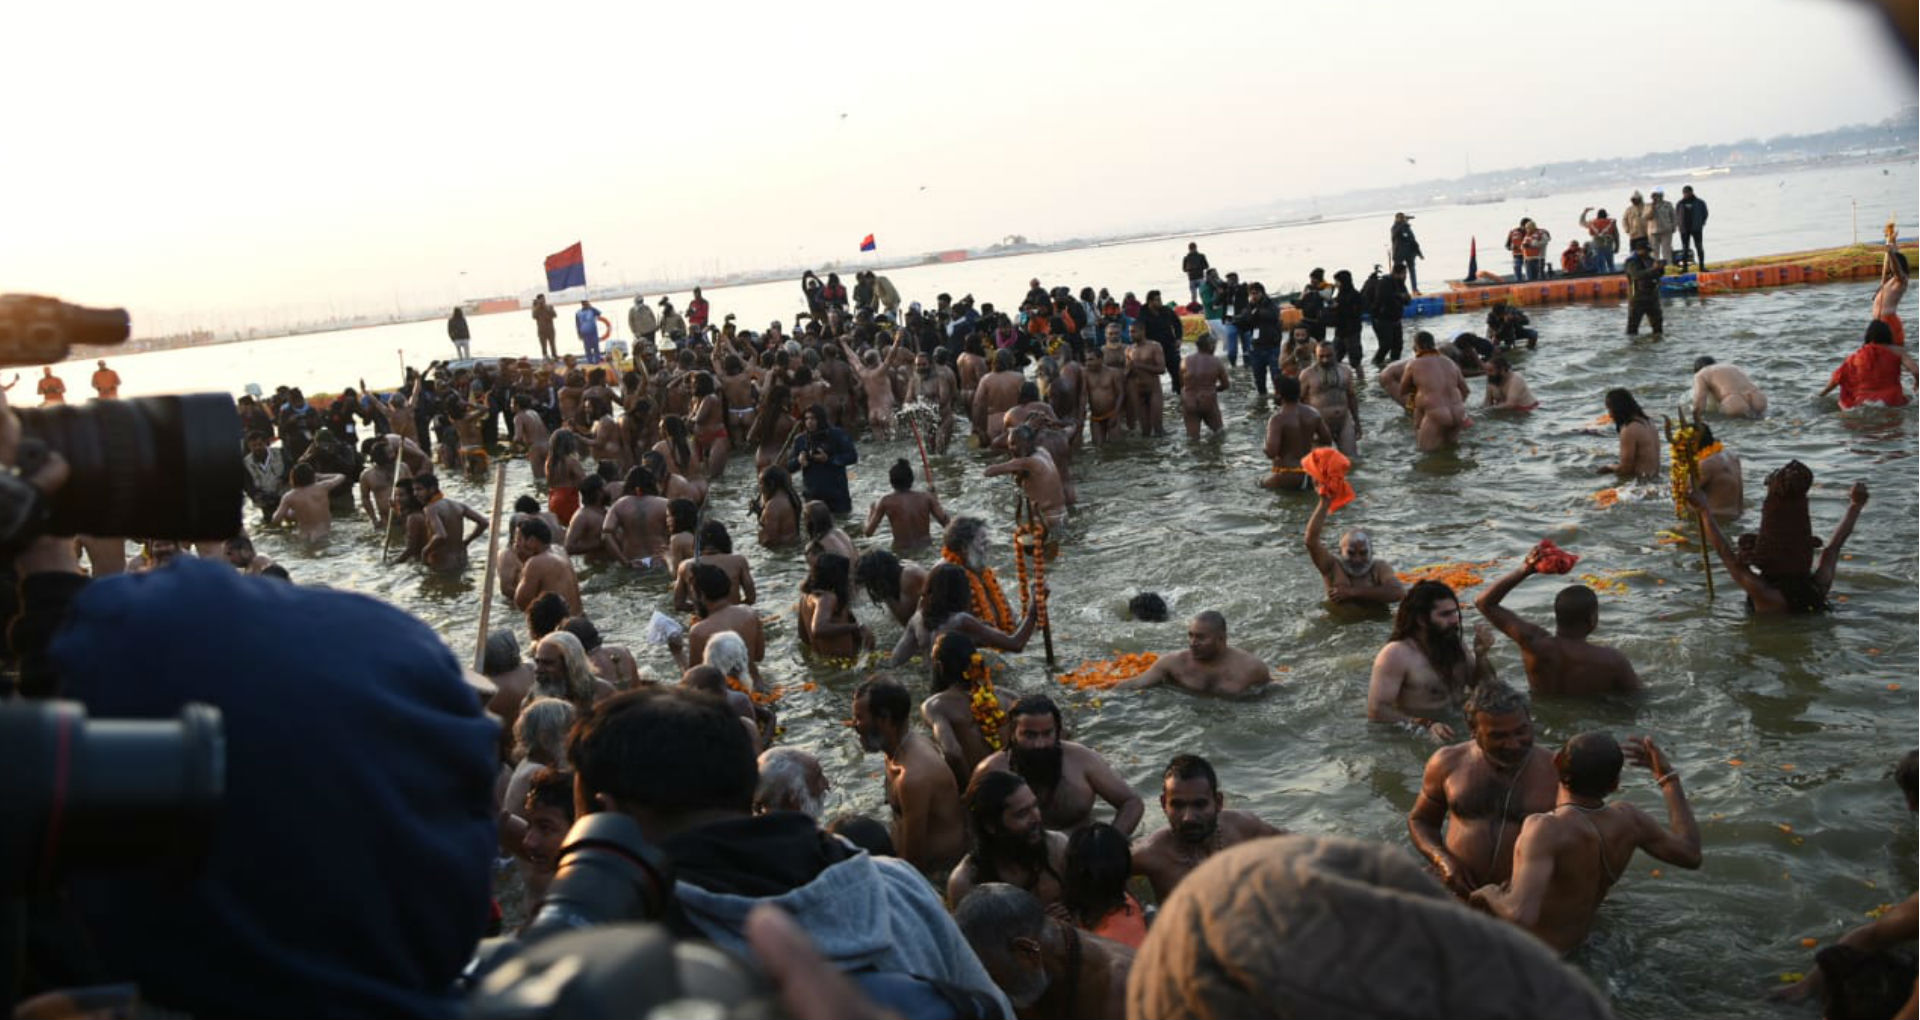 Kumbh Mela 2019: प्रयागराज में पहले शाही स्नान से हुई कुंभ मेले की शुरूआत, देखिए संगम नगरी से सीधा LIVE